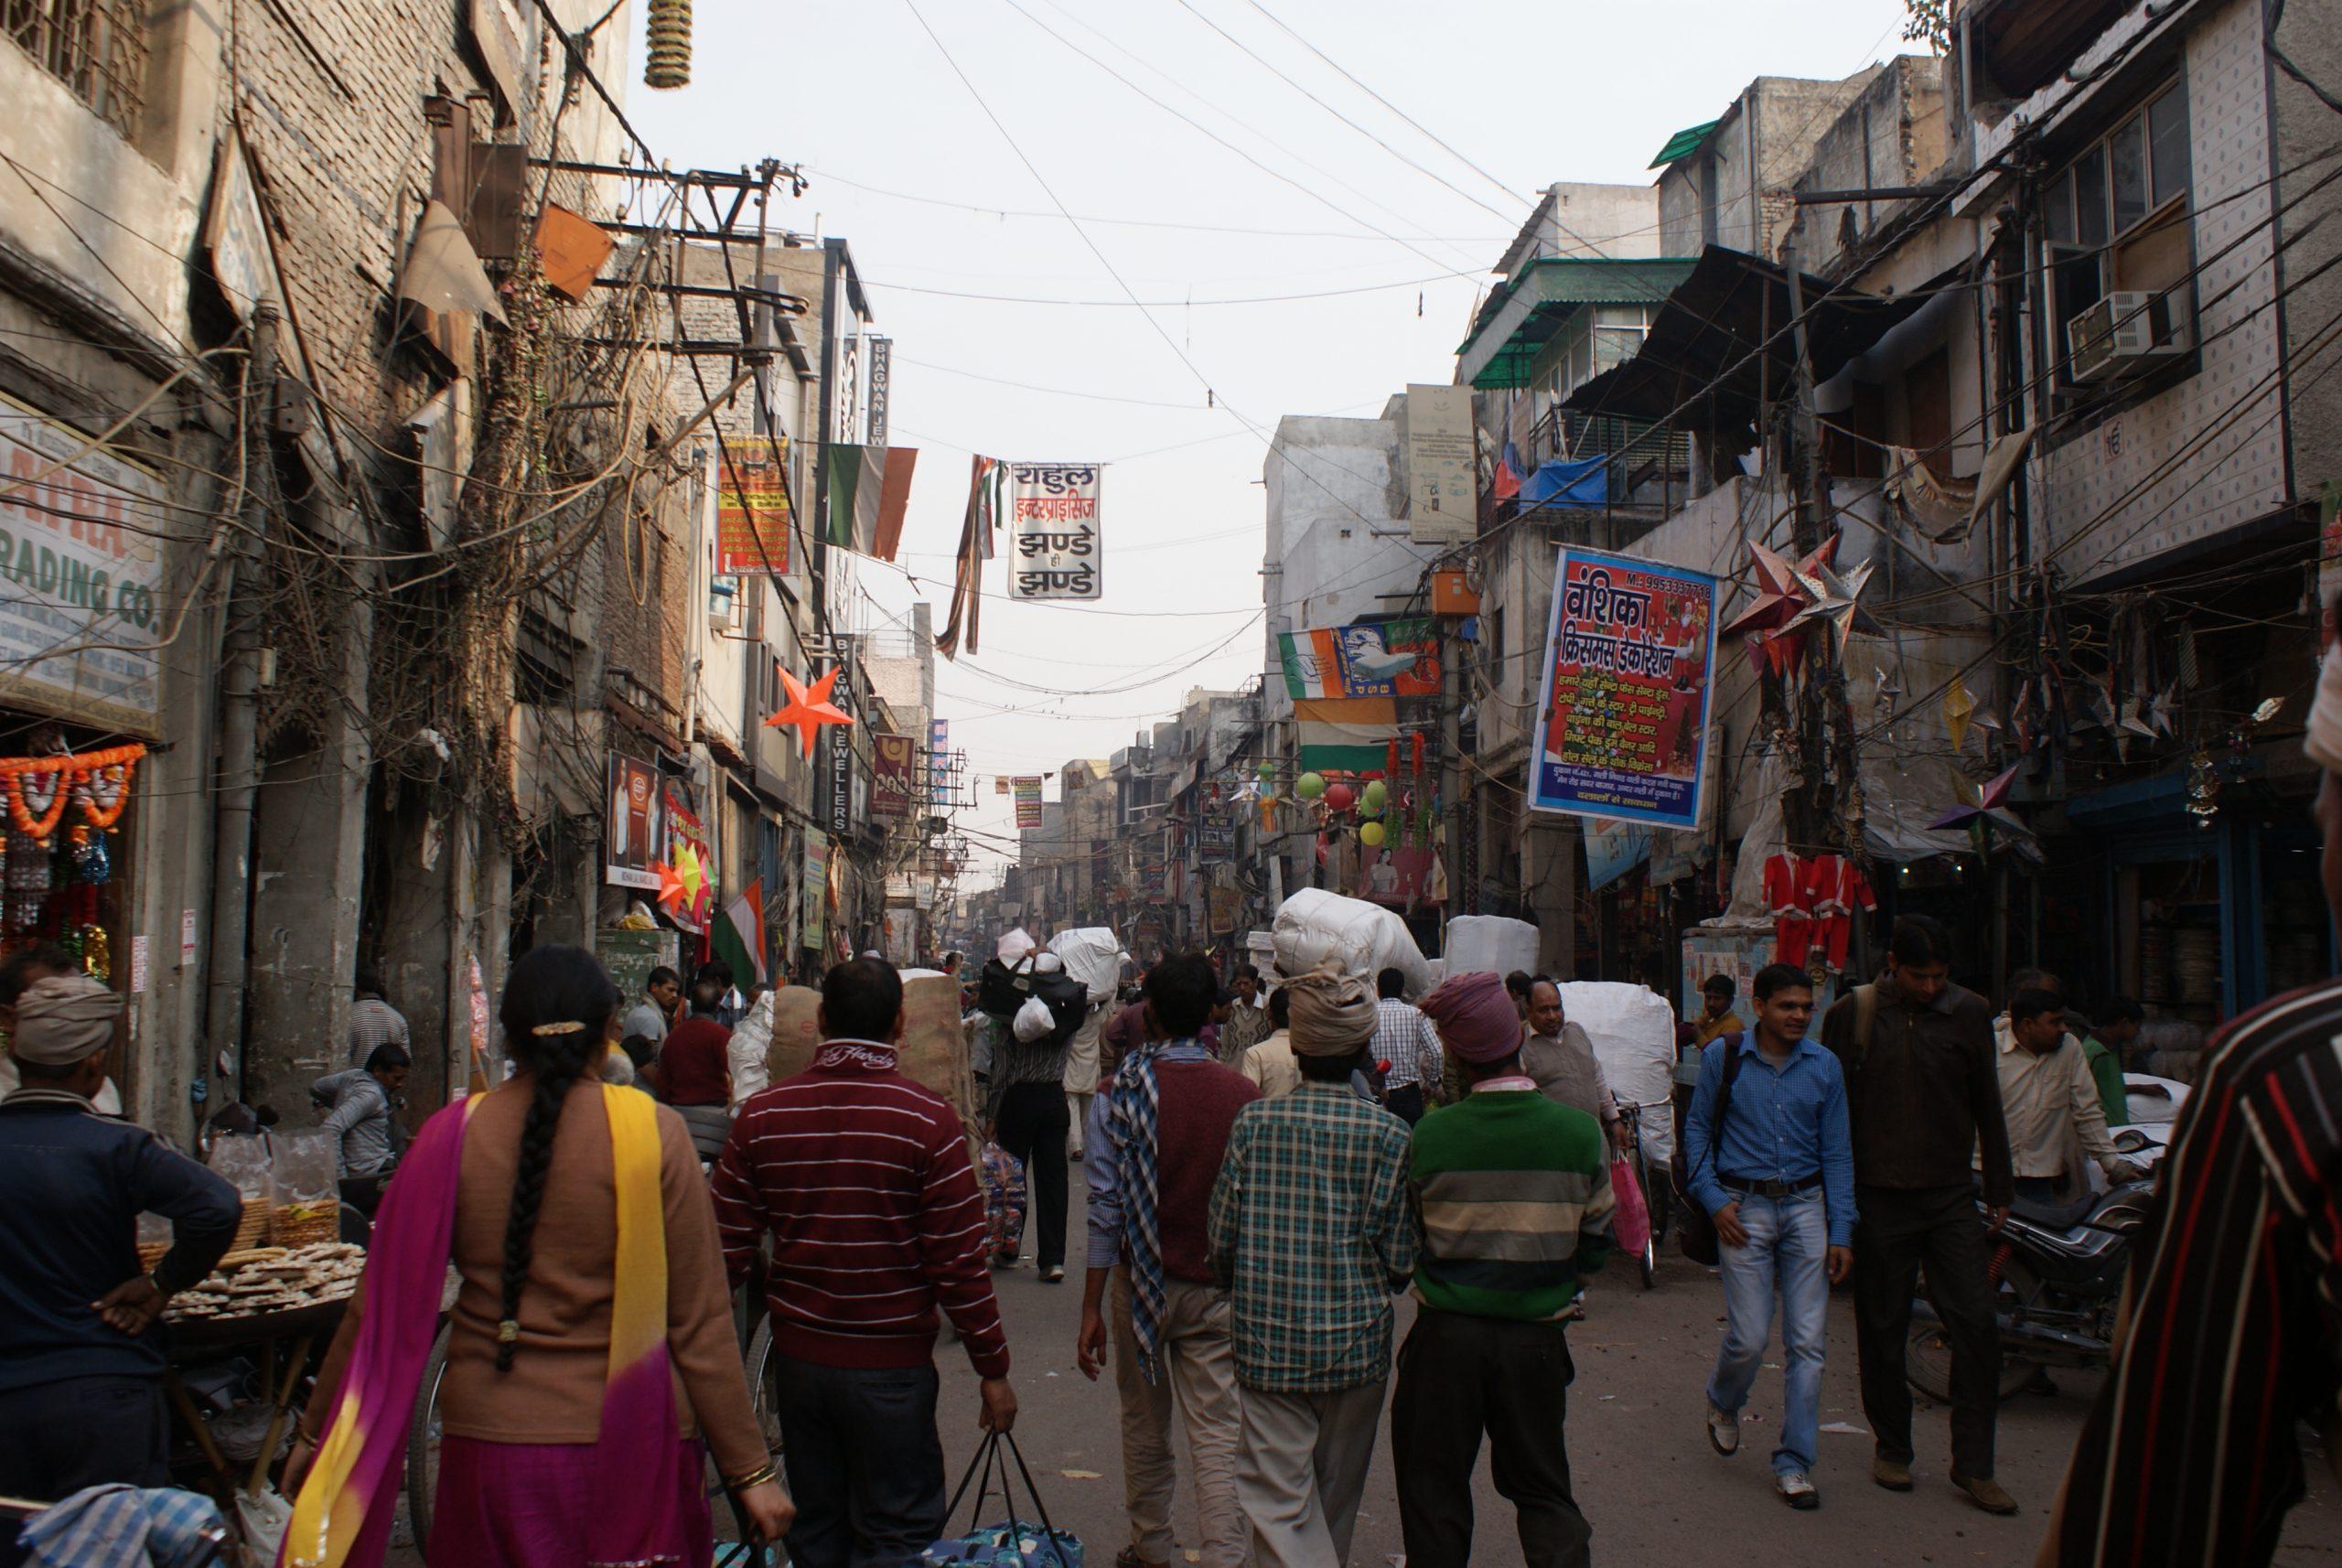 Sadar Bazaar Amazing Market to Shop in Delhi